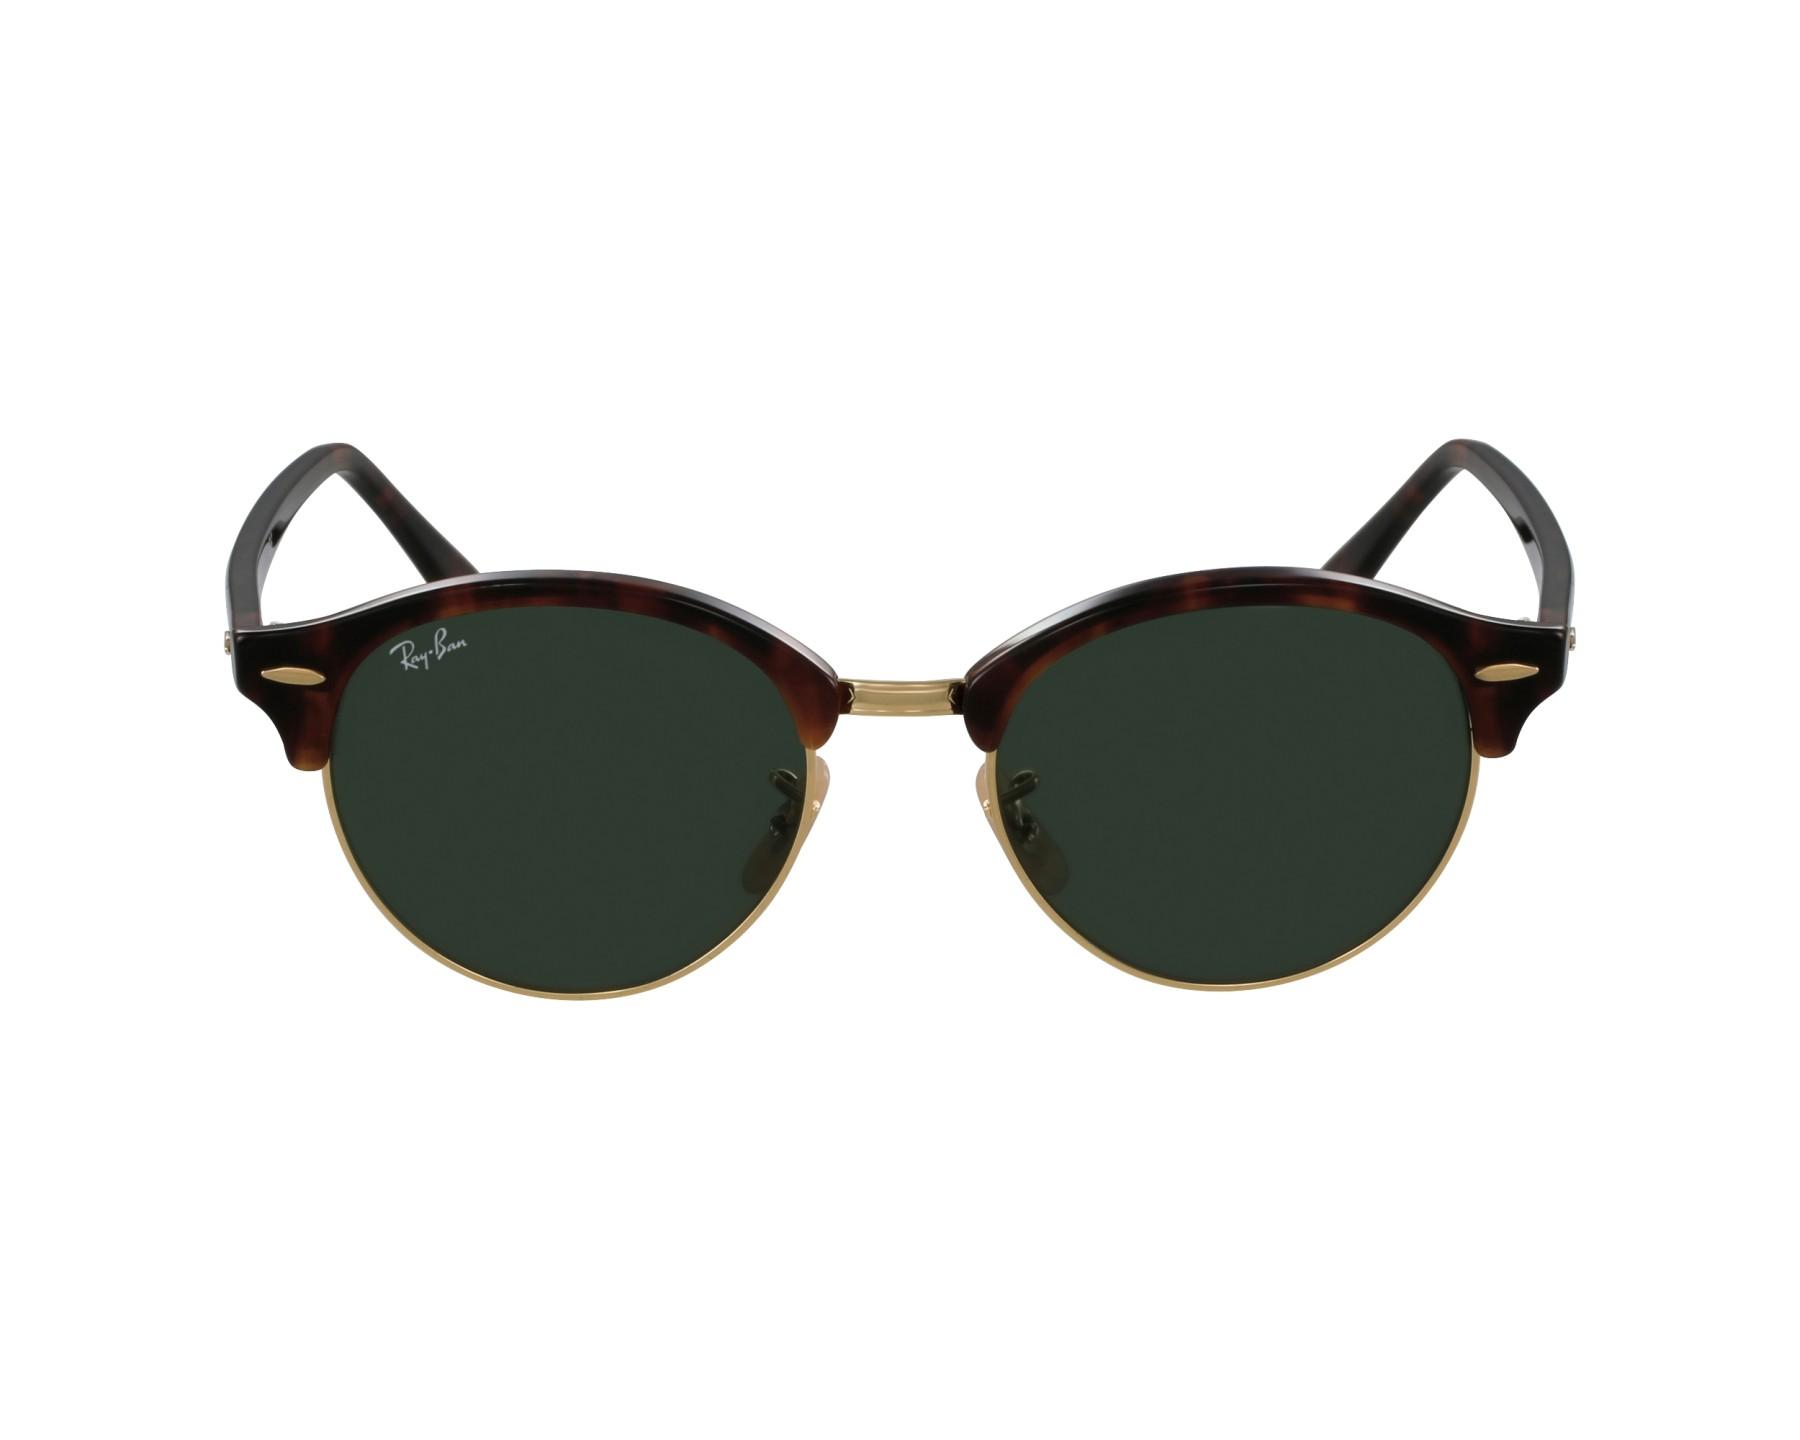 lunettes de soleil ray ban rb 4246 990 havane avec des verres gris vert pour mixte. Black Bedroom Furniture Sets. Home Design Ideas